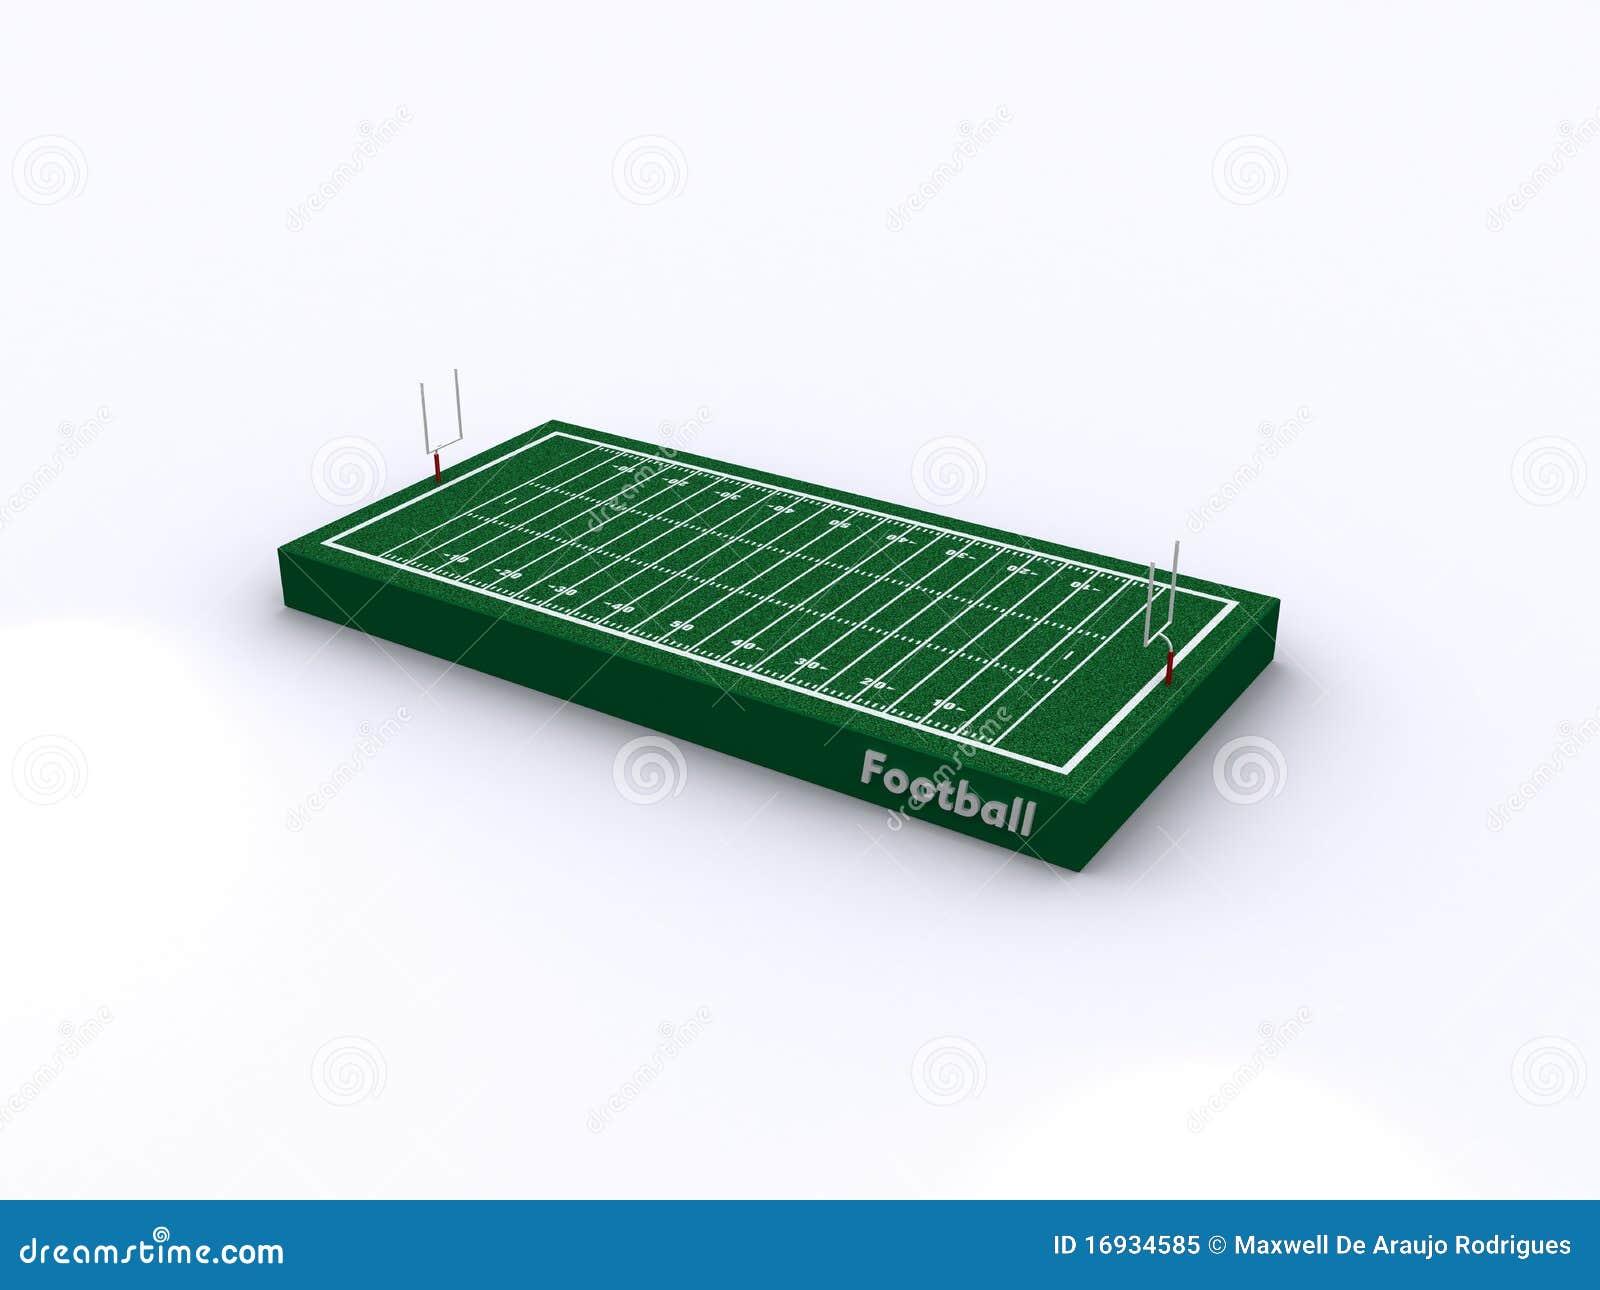 Football court icon